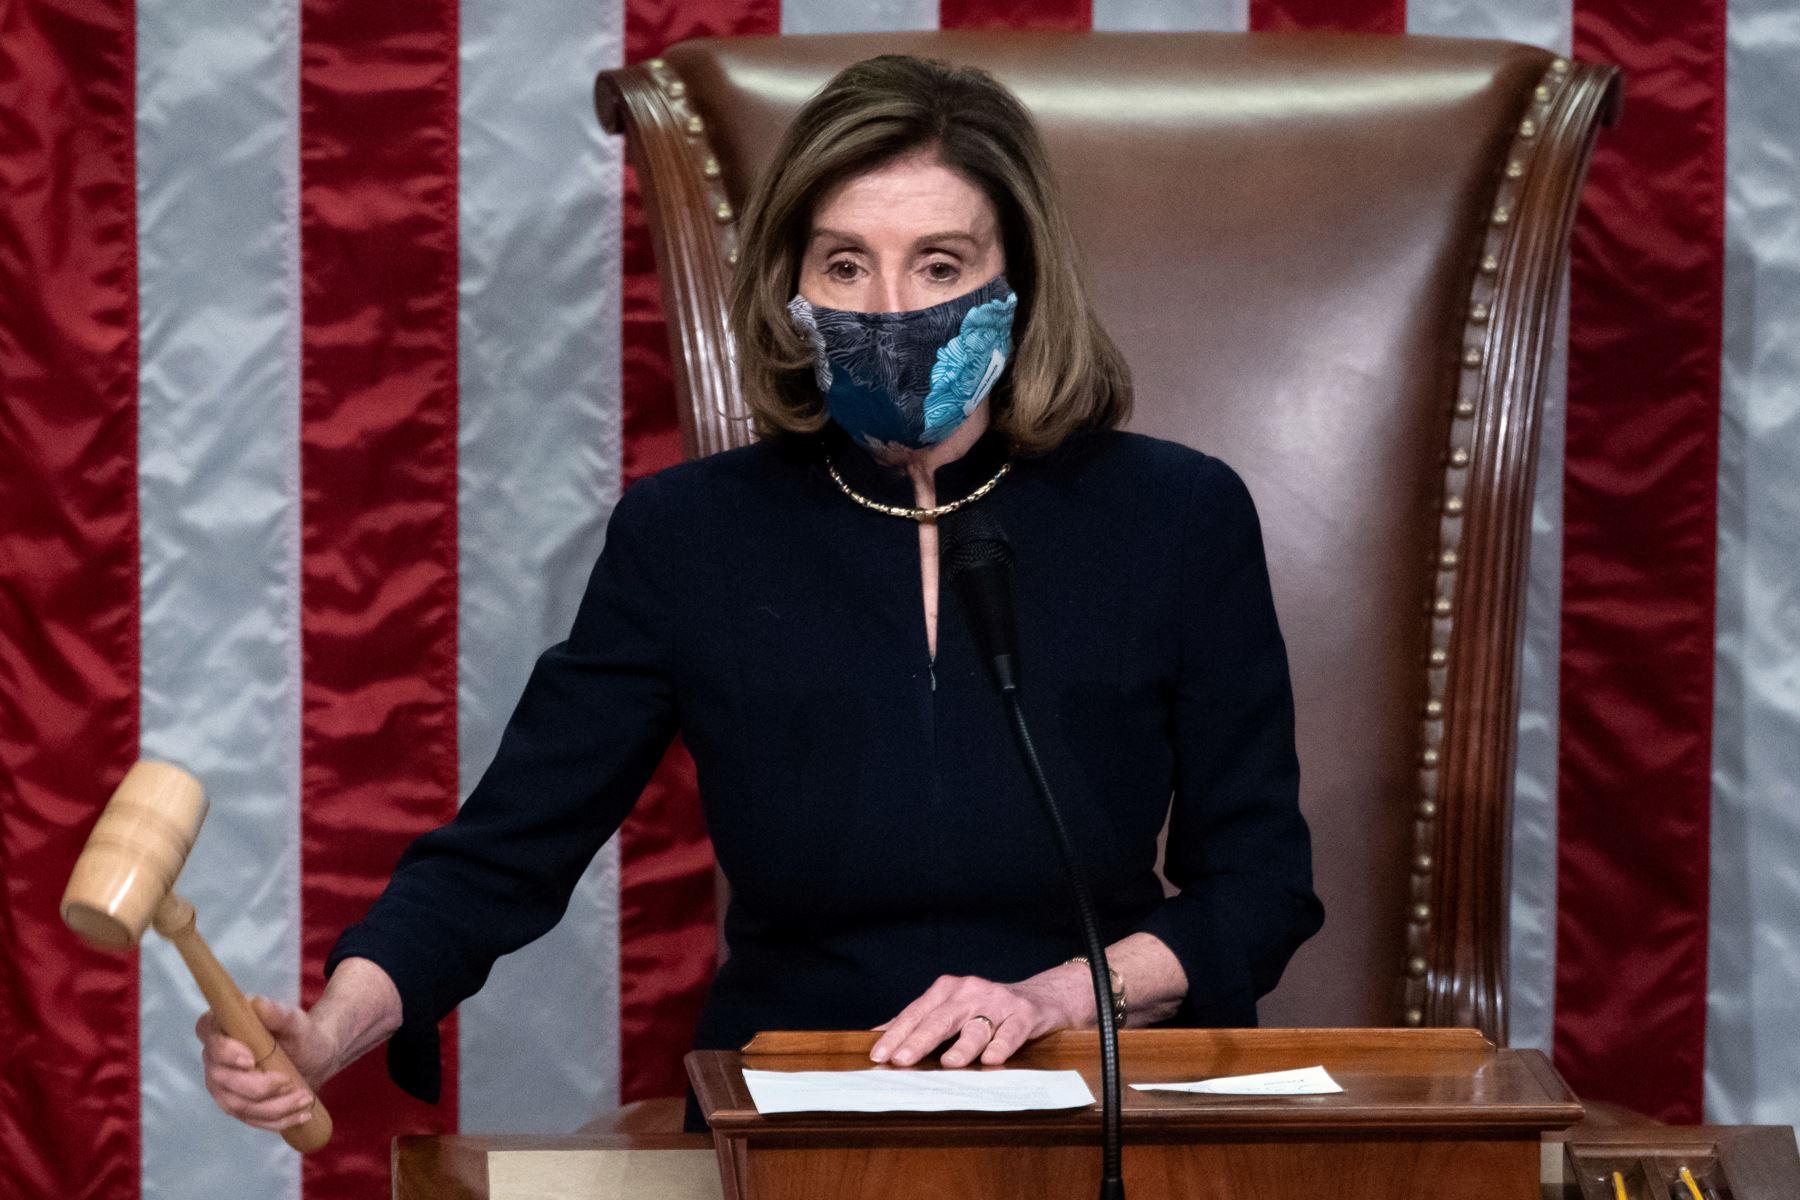 La presidenta de la Cámara de Representantes, Nancy Pelosi, deja la grava mientras preside la votación de la Cámara de Representantes de los Estados Unidos sobre el juicio político del presidente de Estados Unidos, contra Donald Trump, en el Capitolio de los Estados Unidos. Foto: AFP